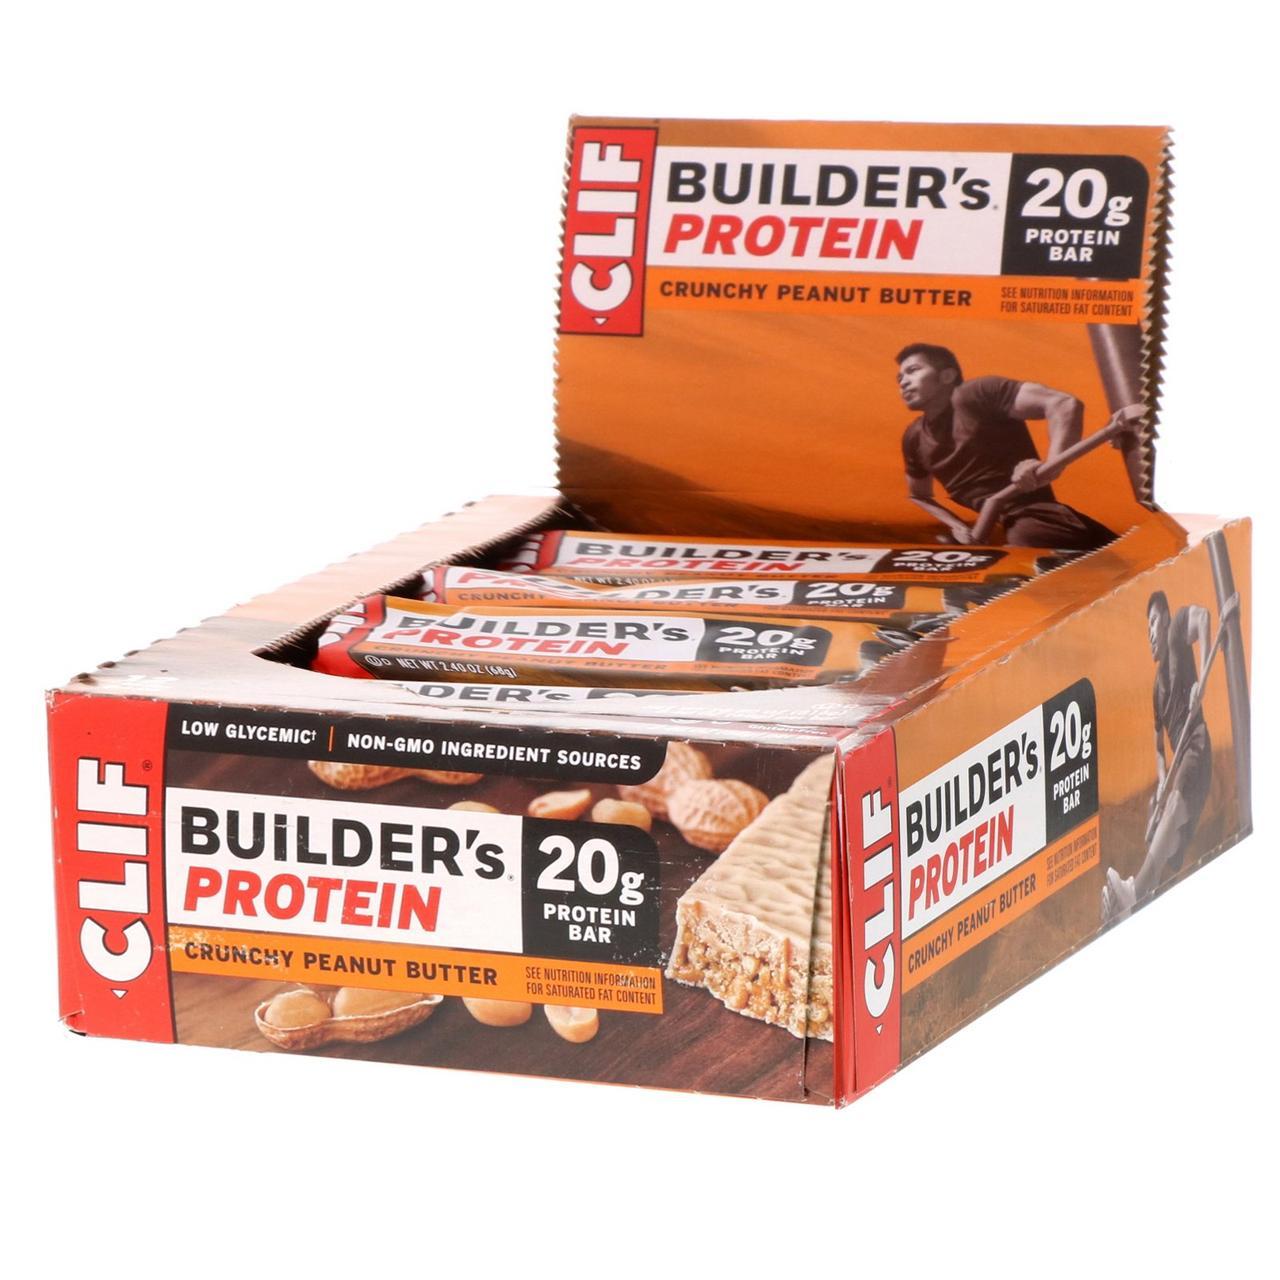 Clif Bar, Протеїновий батончик builder's, 20 р, хрустке арахісове масло, 12 баточников, 68 м (2,4 унції) кожен